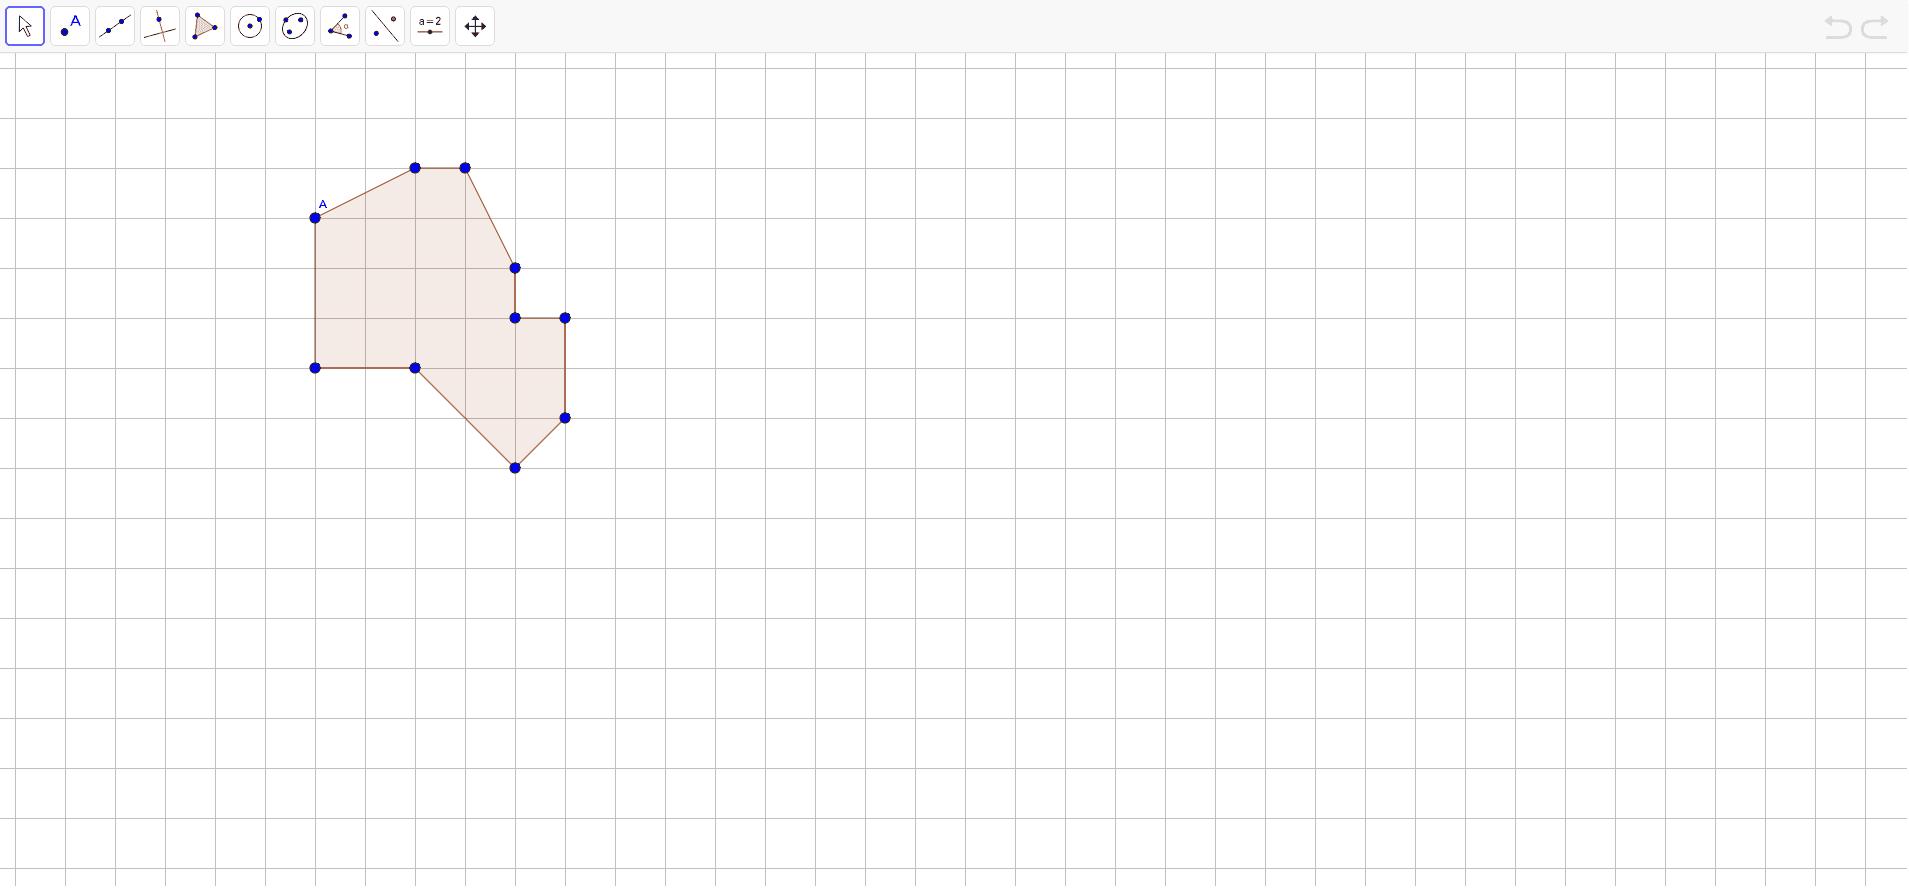 """Zarotirati nacrtan lik oko točke A u smjeru kazaljke na satu za 90 stupnjeva. Provjeriti točnost rješenja uz pomoć alata """"rotate around point"""". Press Enter to start activity"""